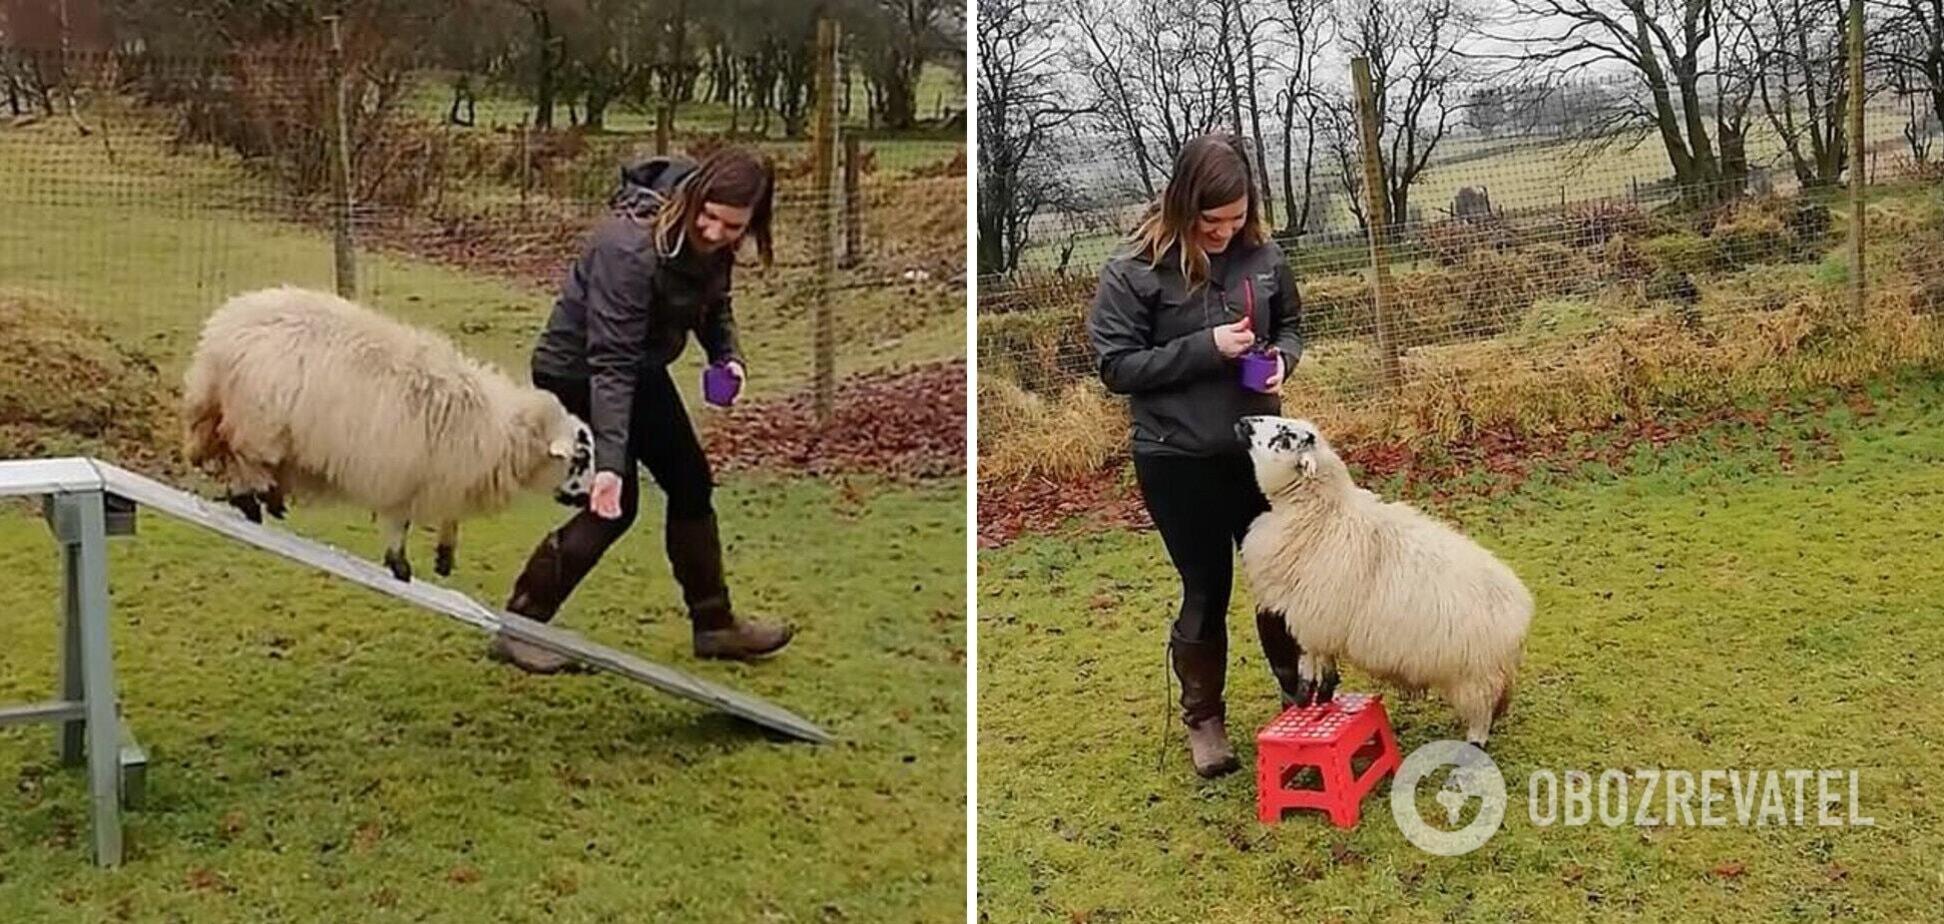 Дресирувальниця навчила вівцю собачих трюків. Відео